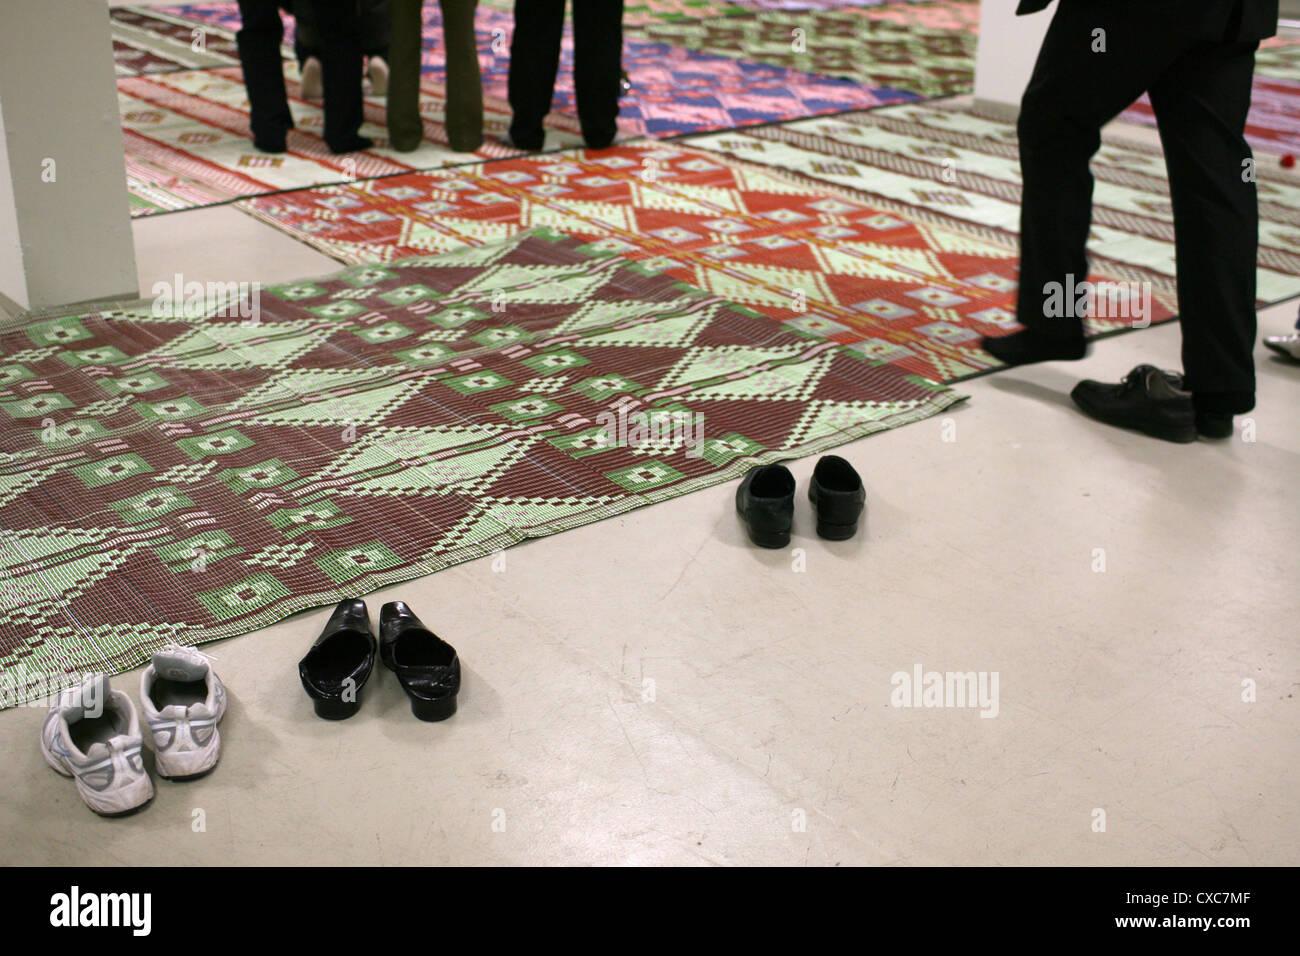 Berlin, Muslims pray - Stock Image